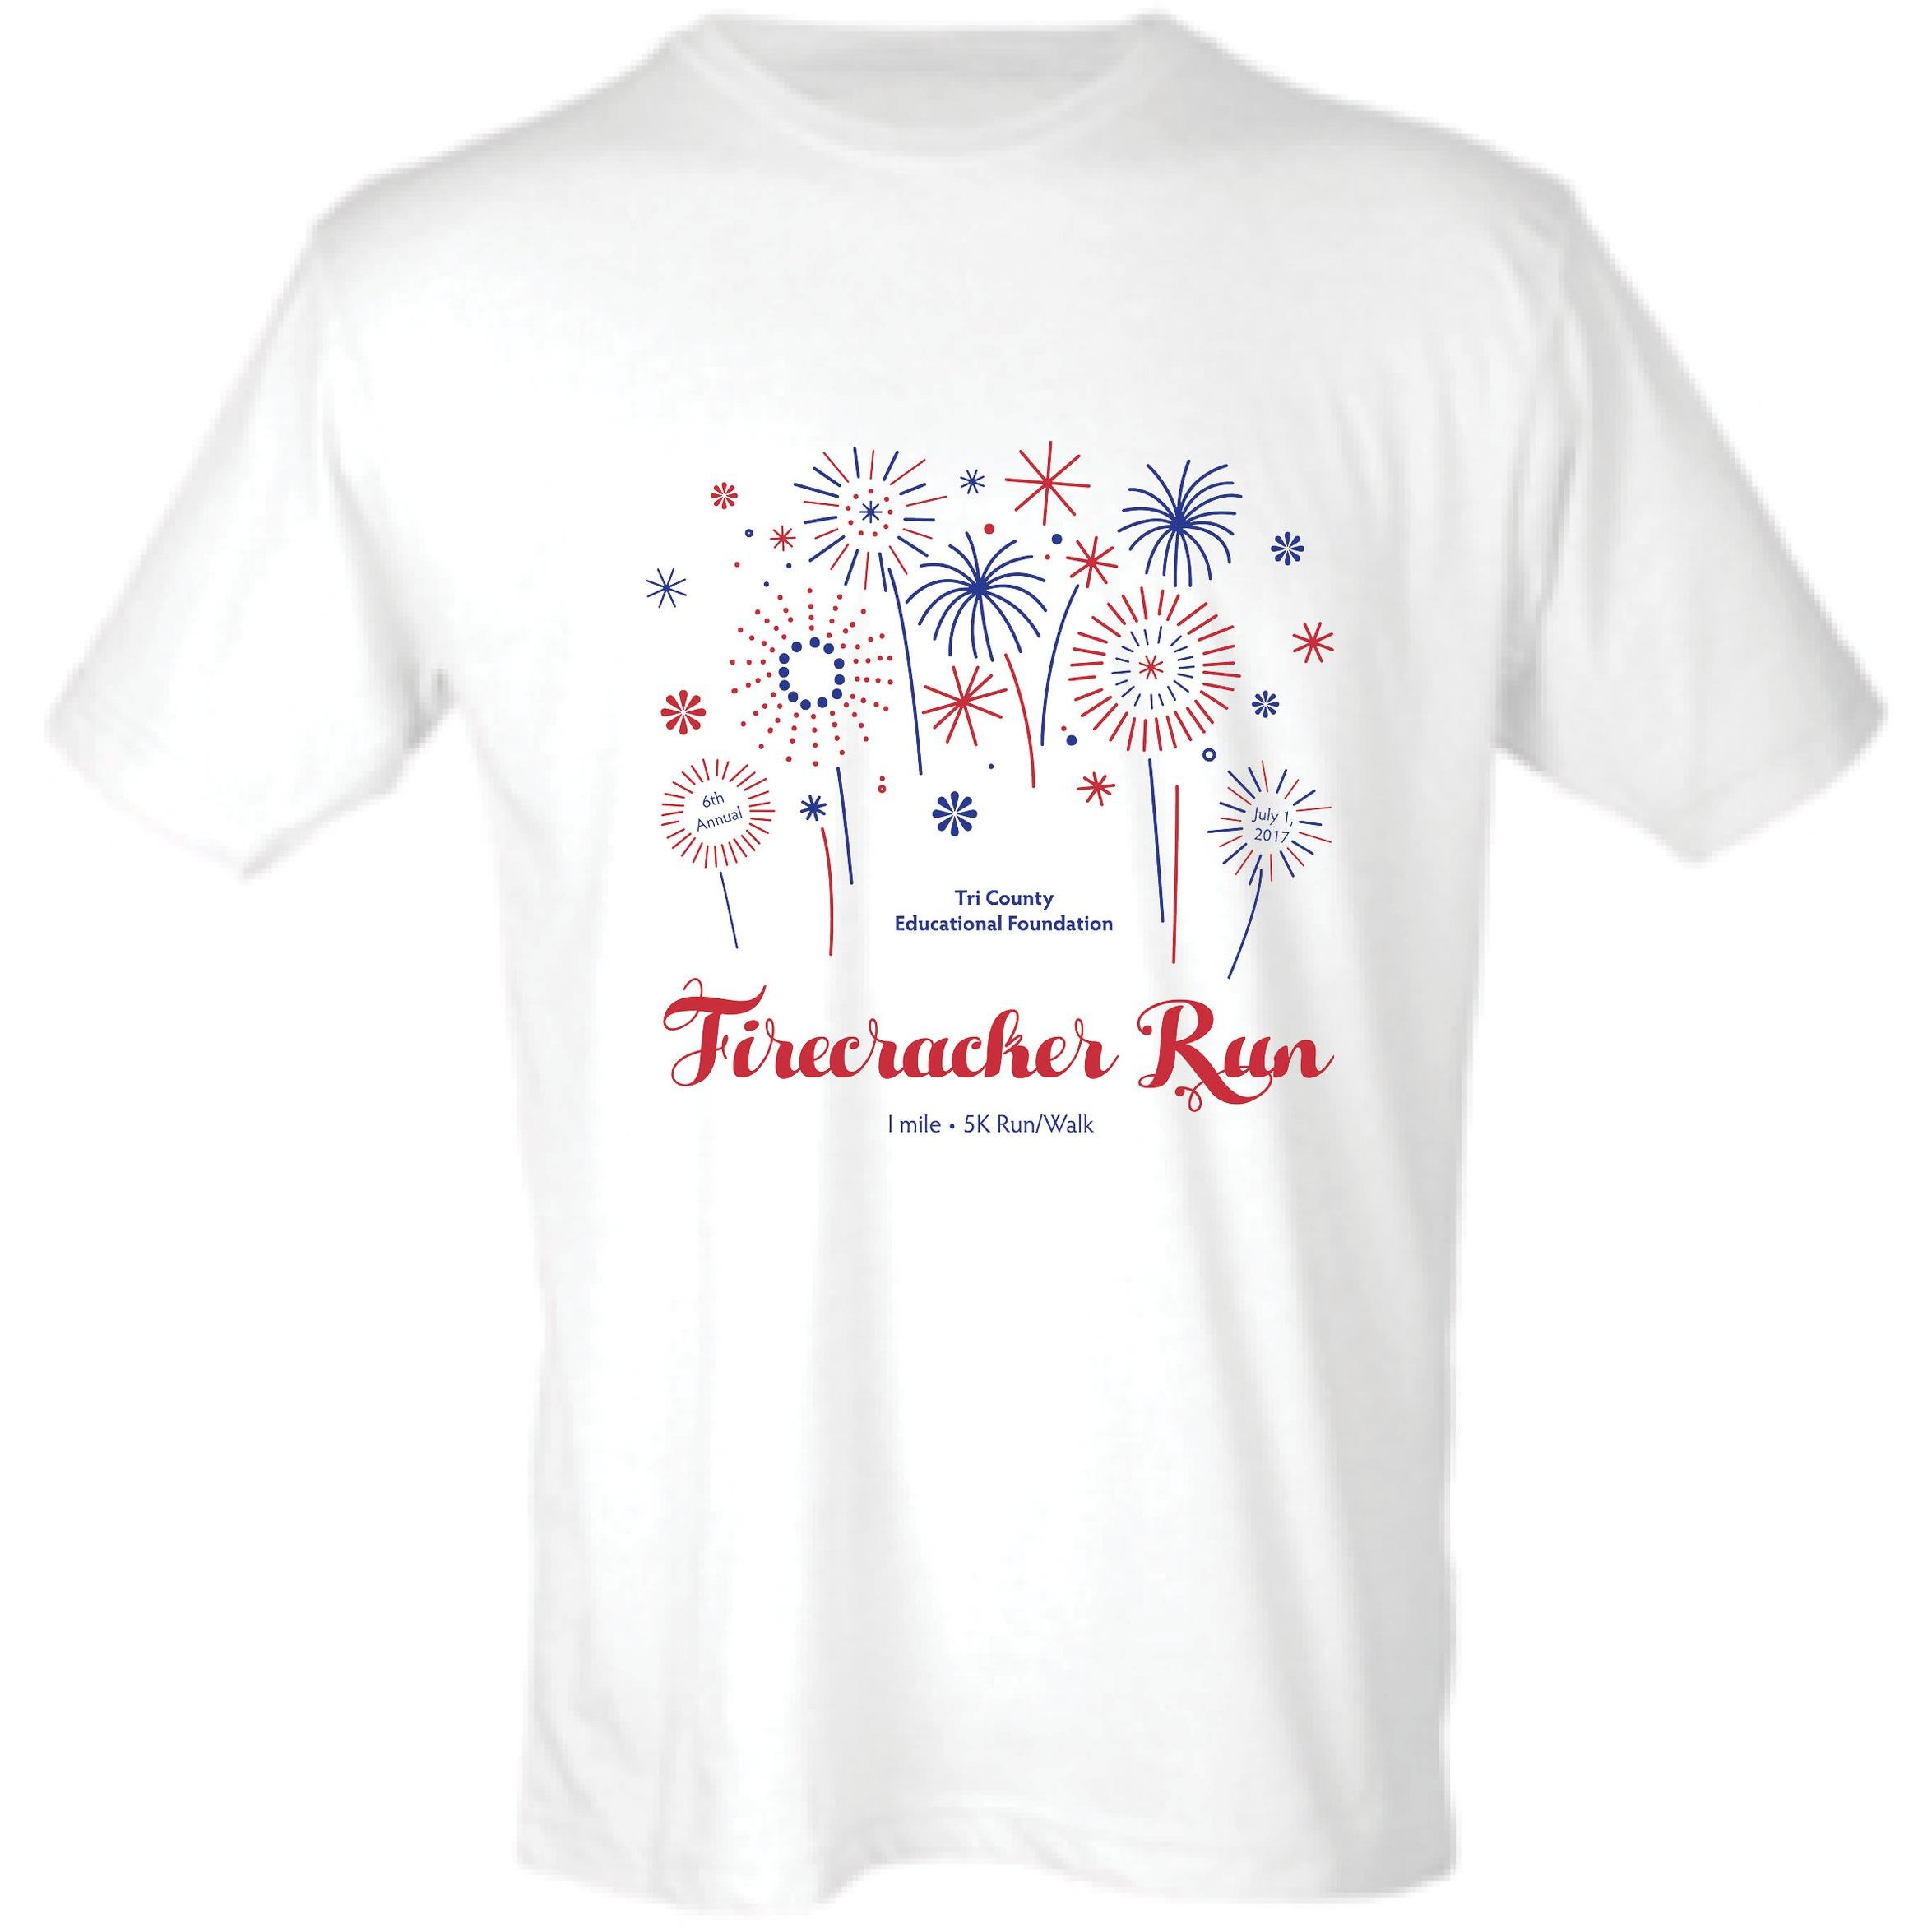 2017 Firecracker Run T-shirt